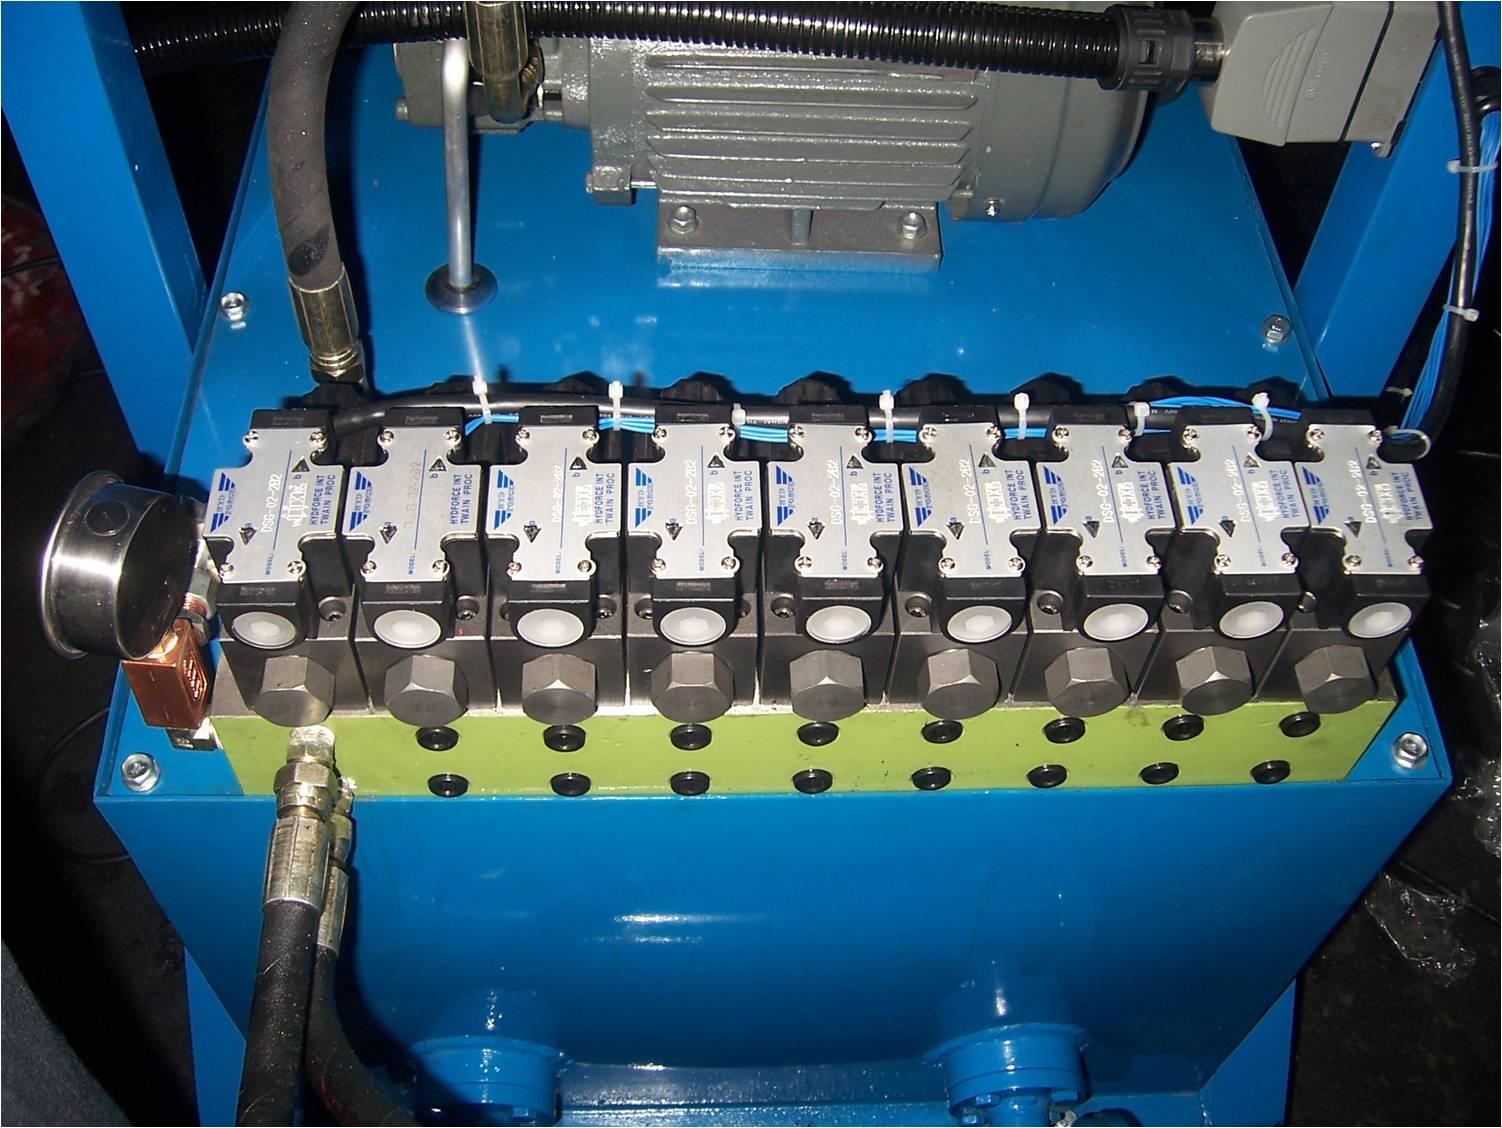 供应油压式时间顺序控制器 热流道针阀时序控制器 tr